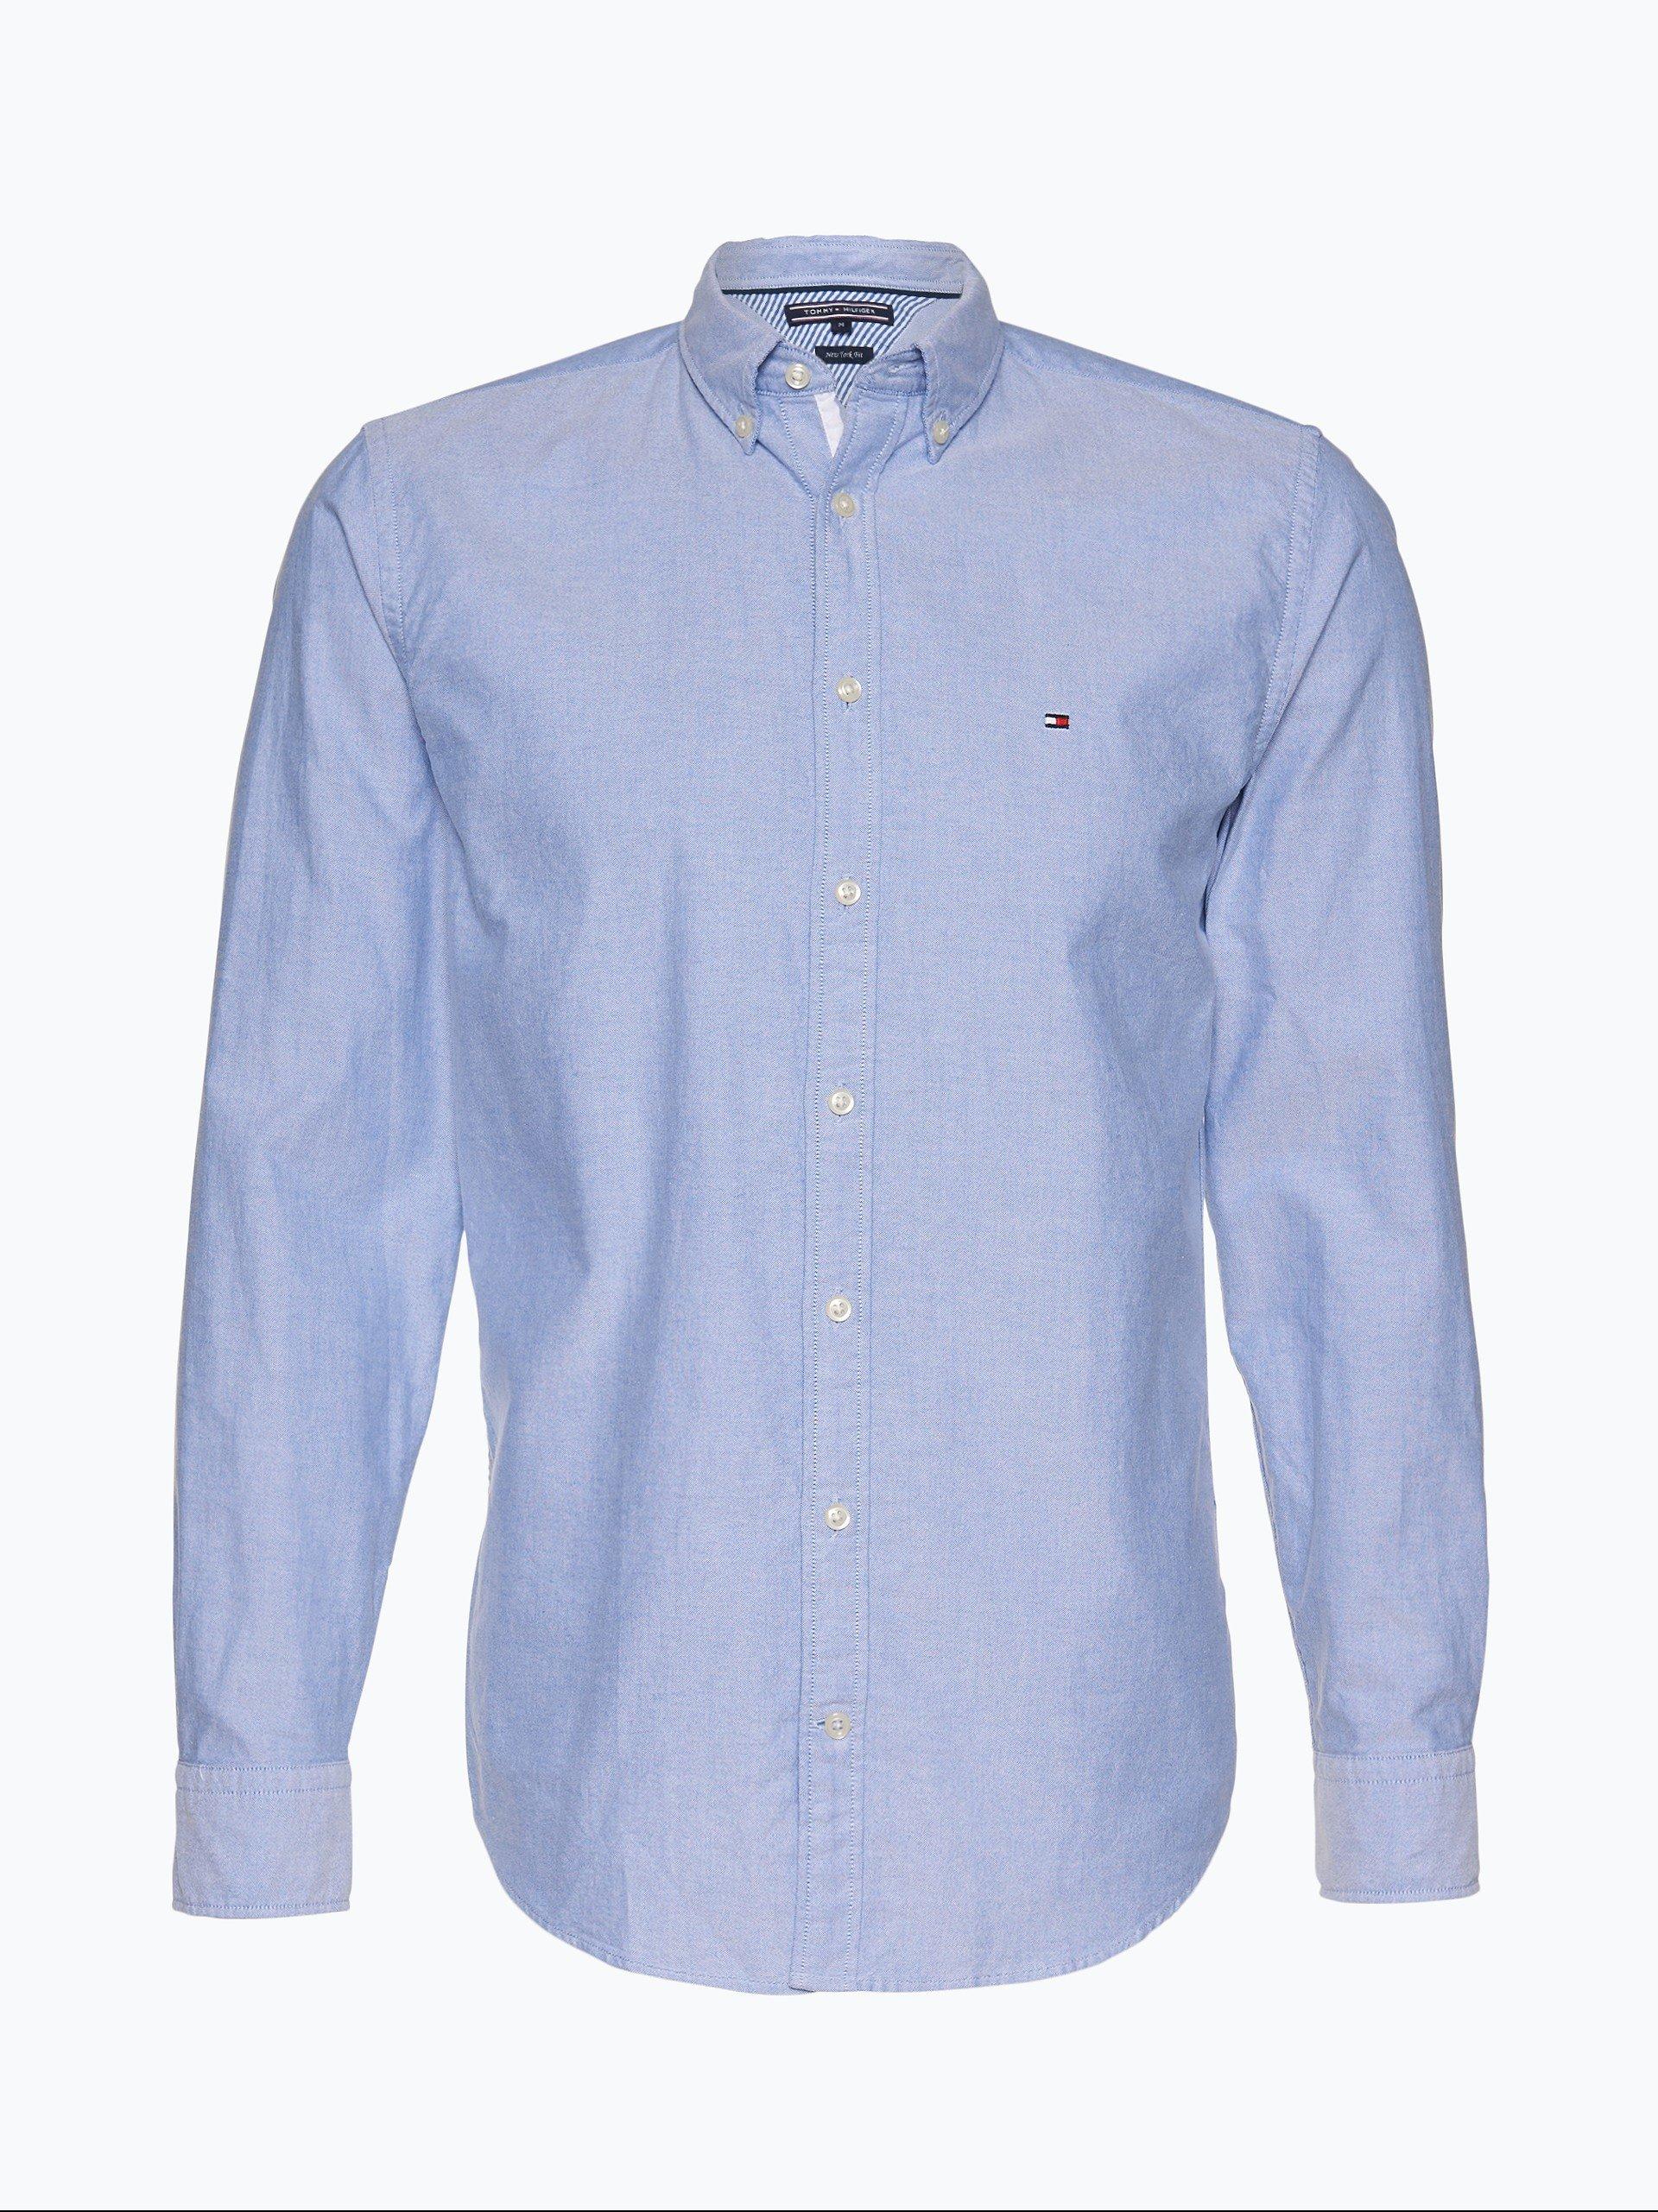 Tommy Hilfiger Herren Hemd Oxford - Ivy